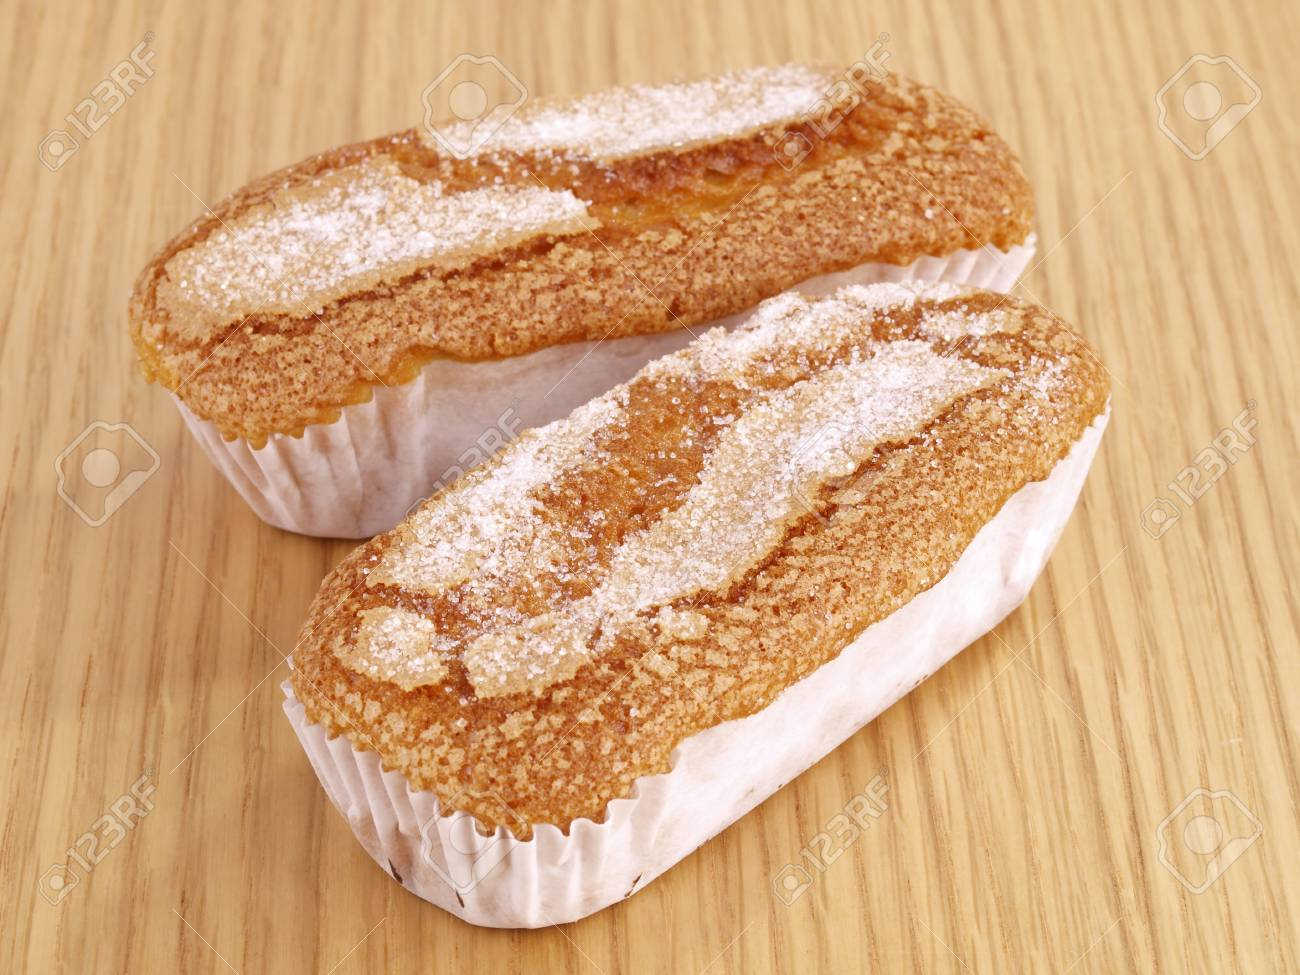 Supermanager 18/19 - Página 13 15729220-muffin-magdalena-valenciana-una-variedad-local-de-muffins-hecho-en-forma-rectangular-es-t%C3%ADpica-de-la-c